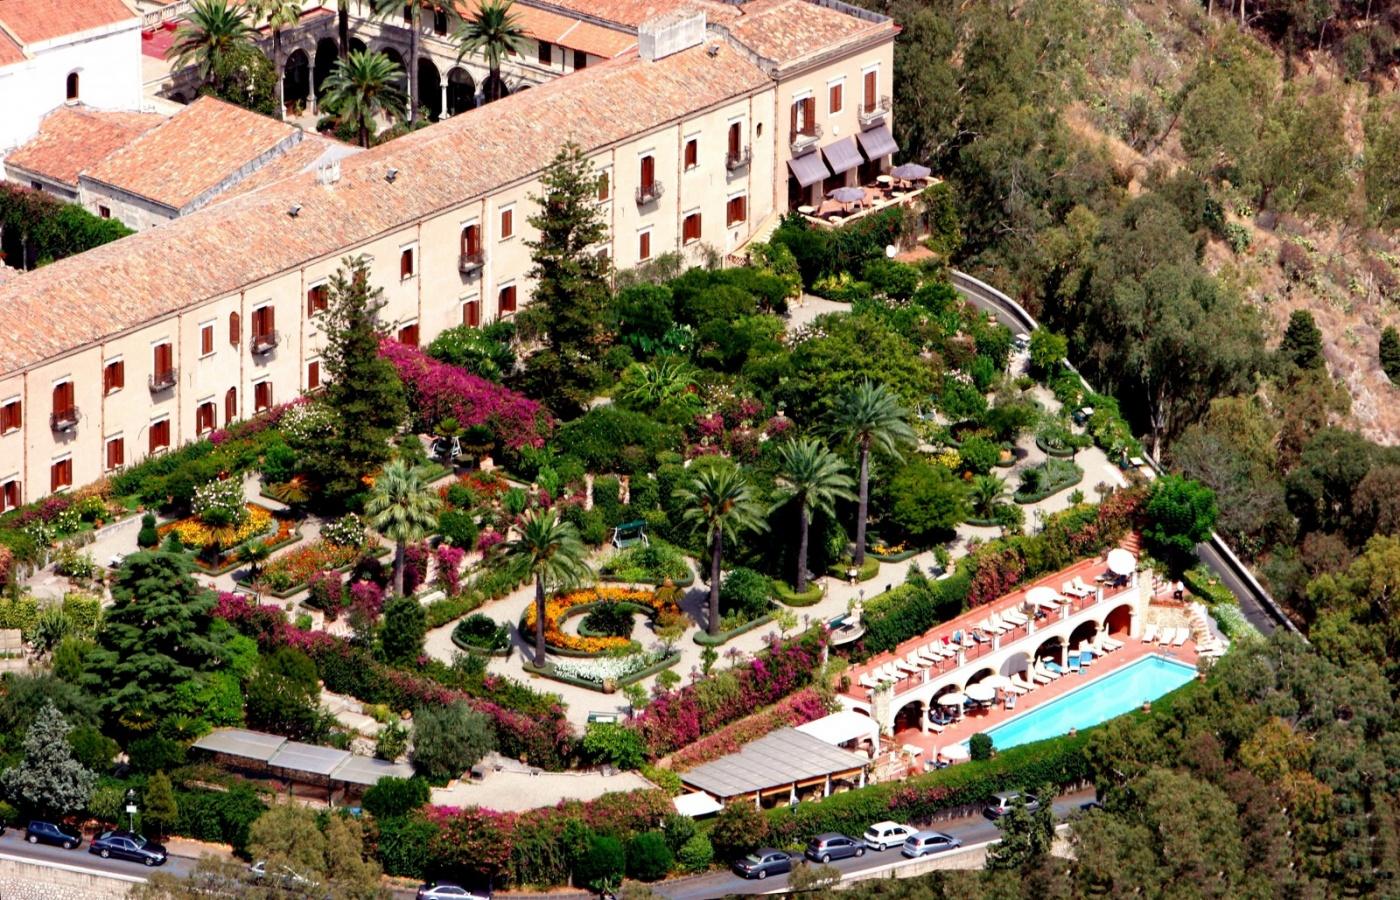 Fondo di investimenti inglese ipoteca l'Hotel San Domenico di Taormina